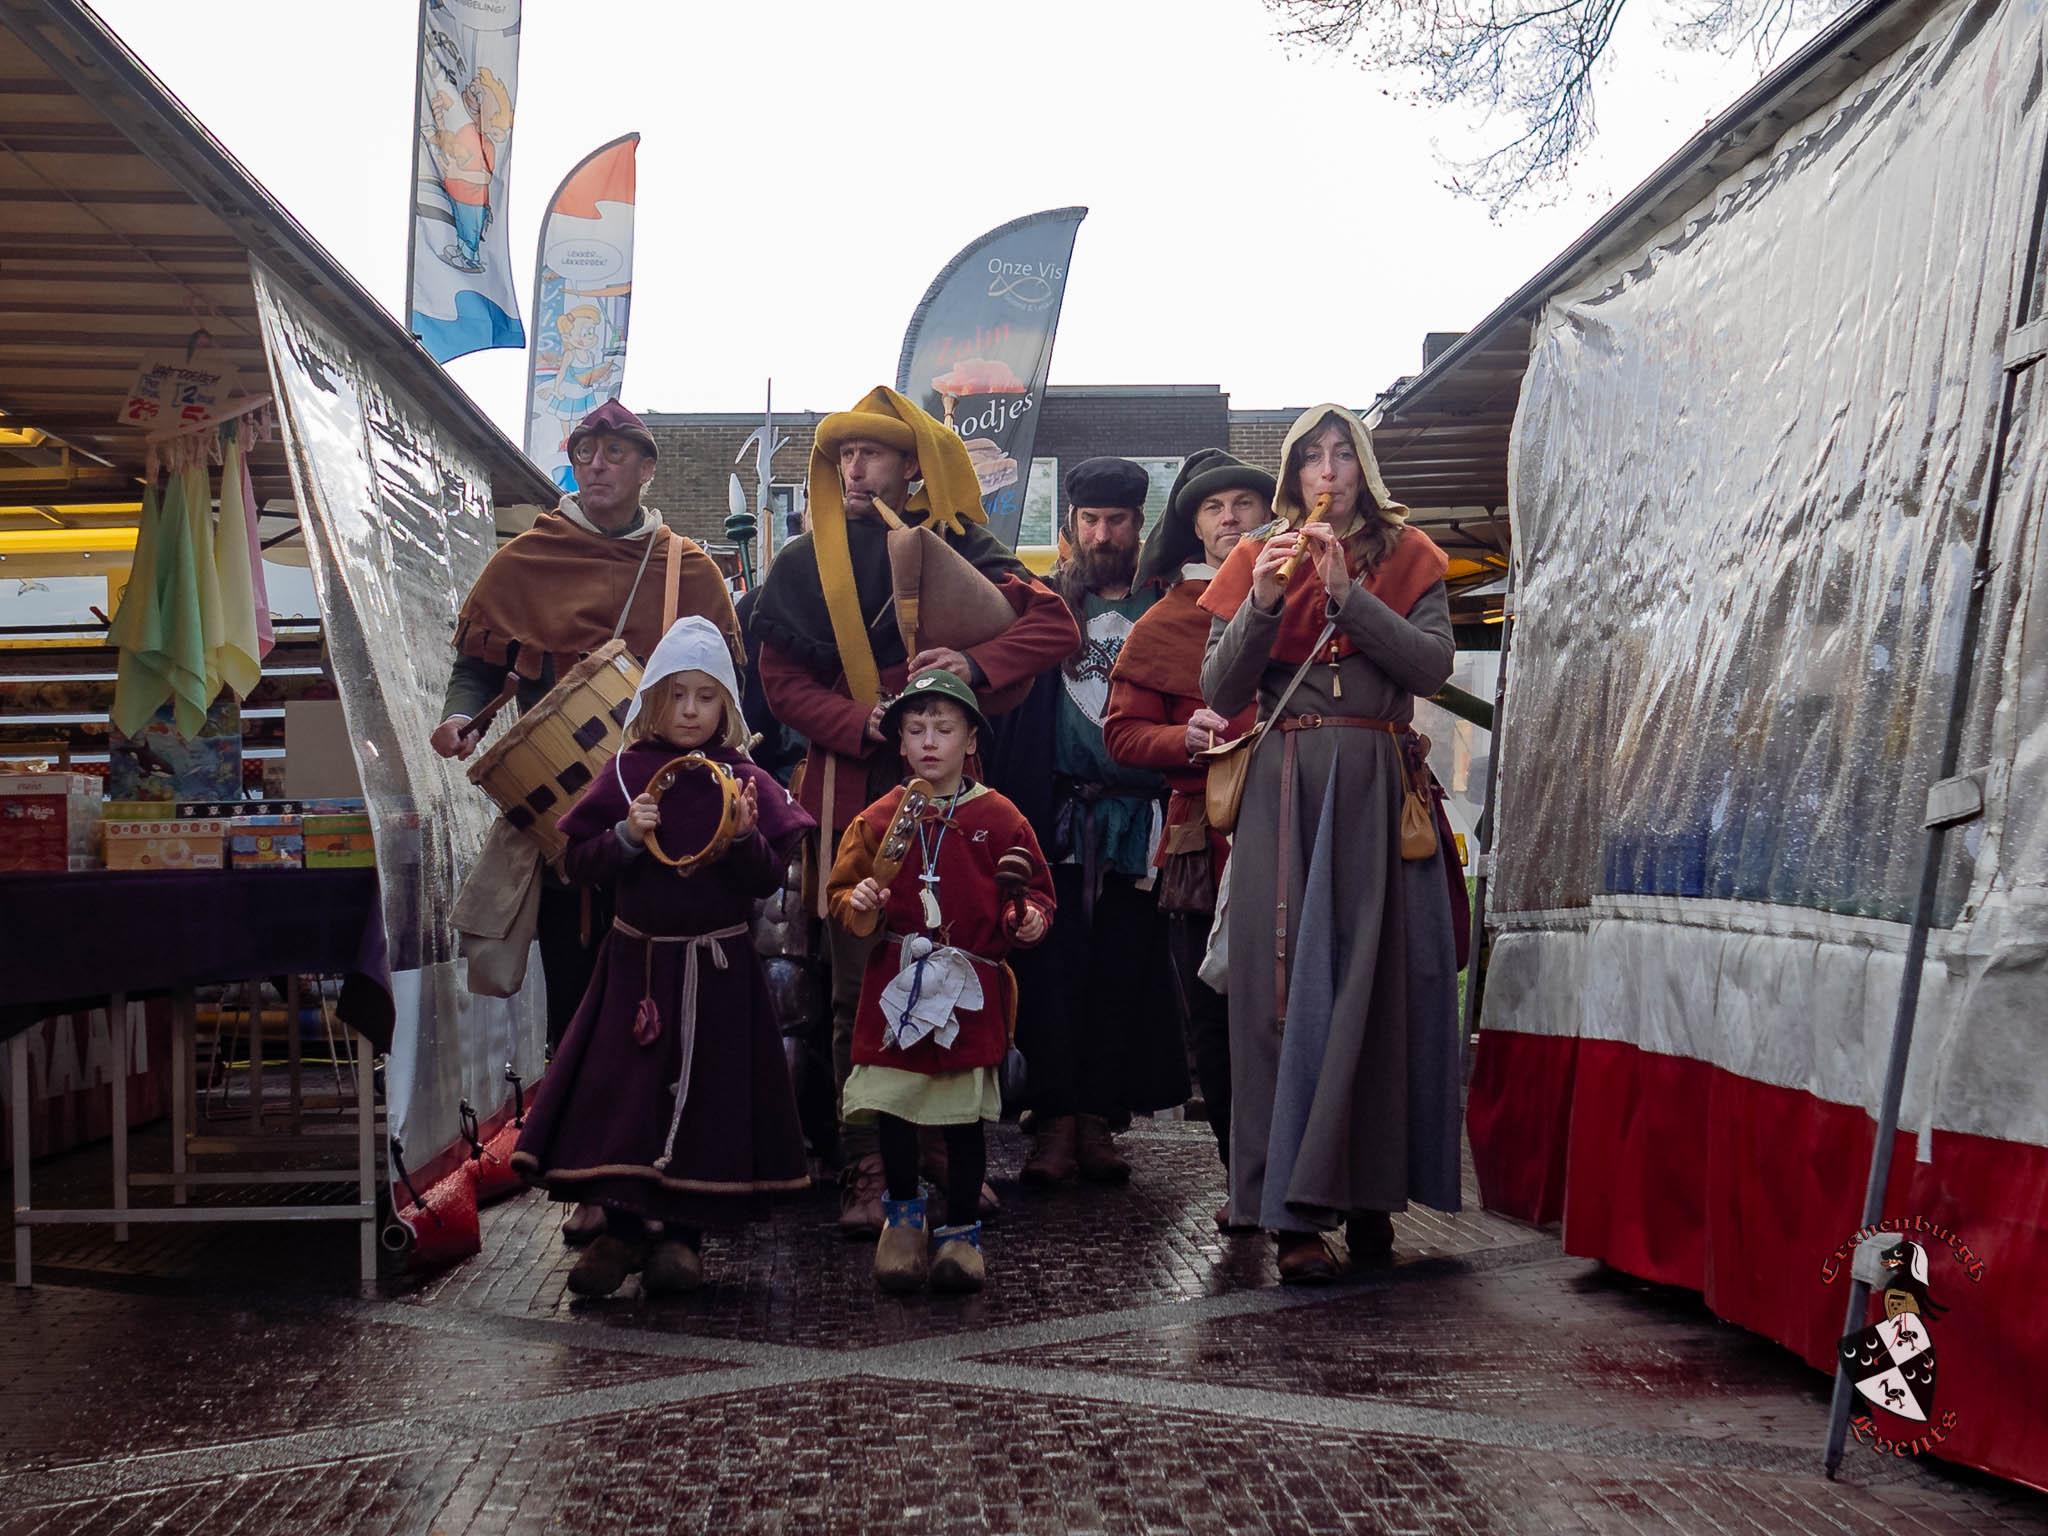 Middeleeuws-Festijn-Cannenburgh-2019-Ellen-la-Faille-8